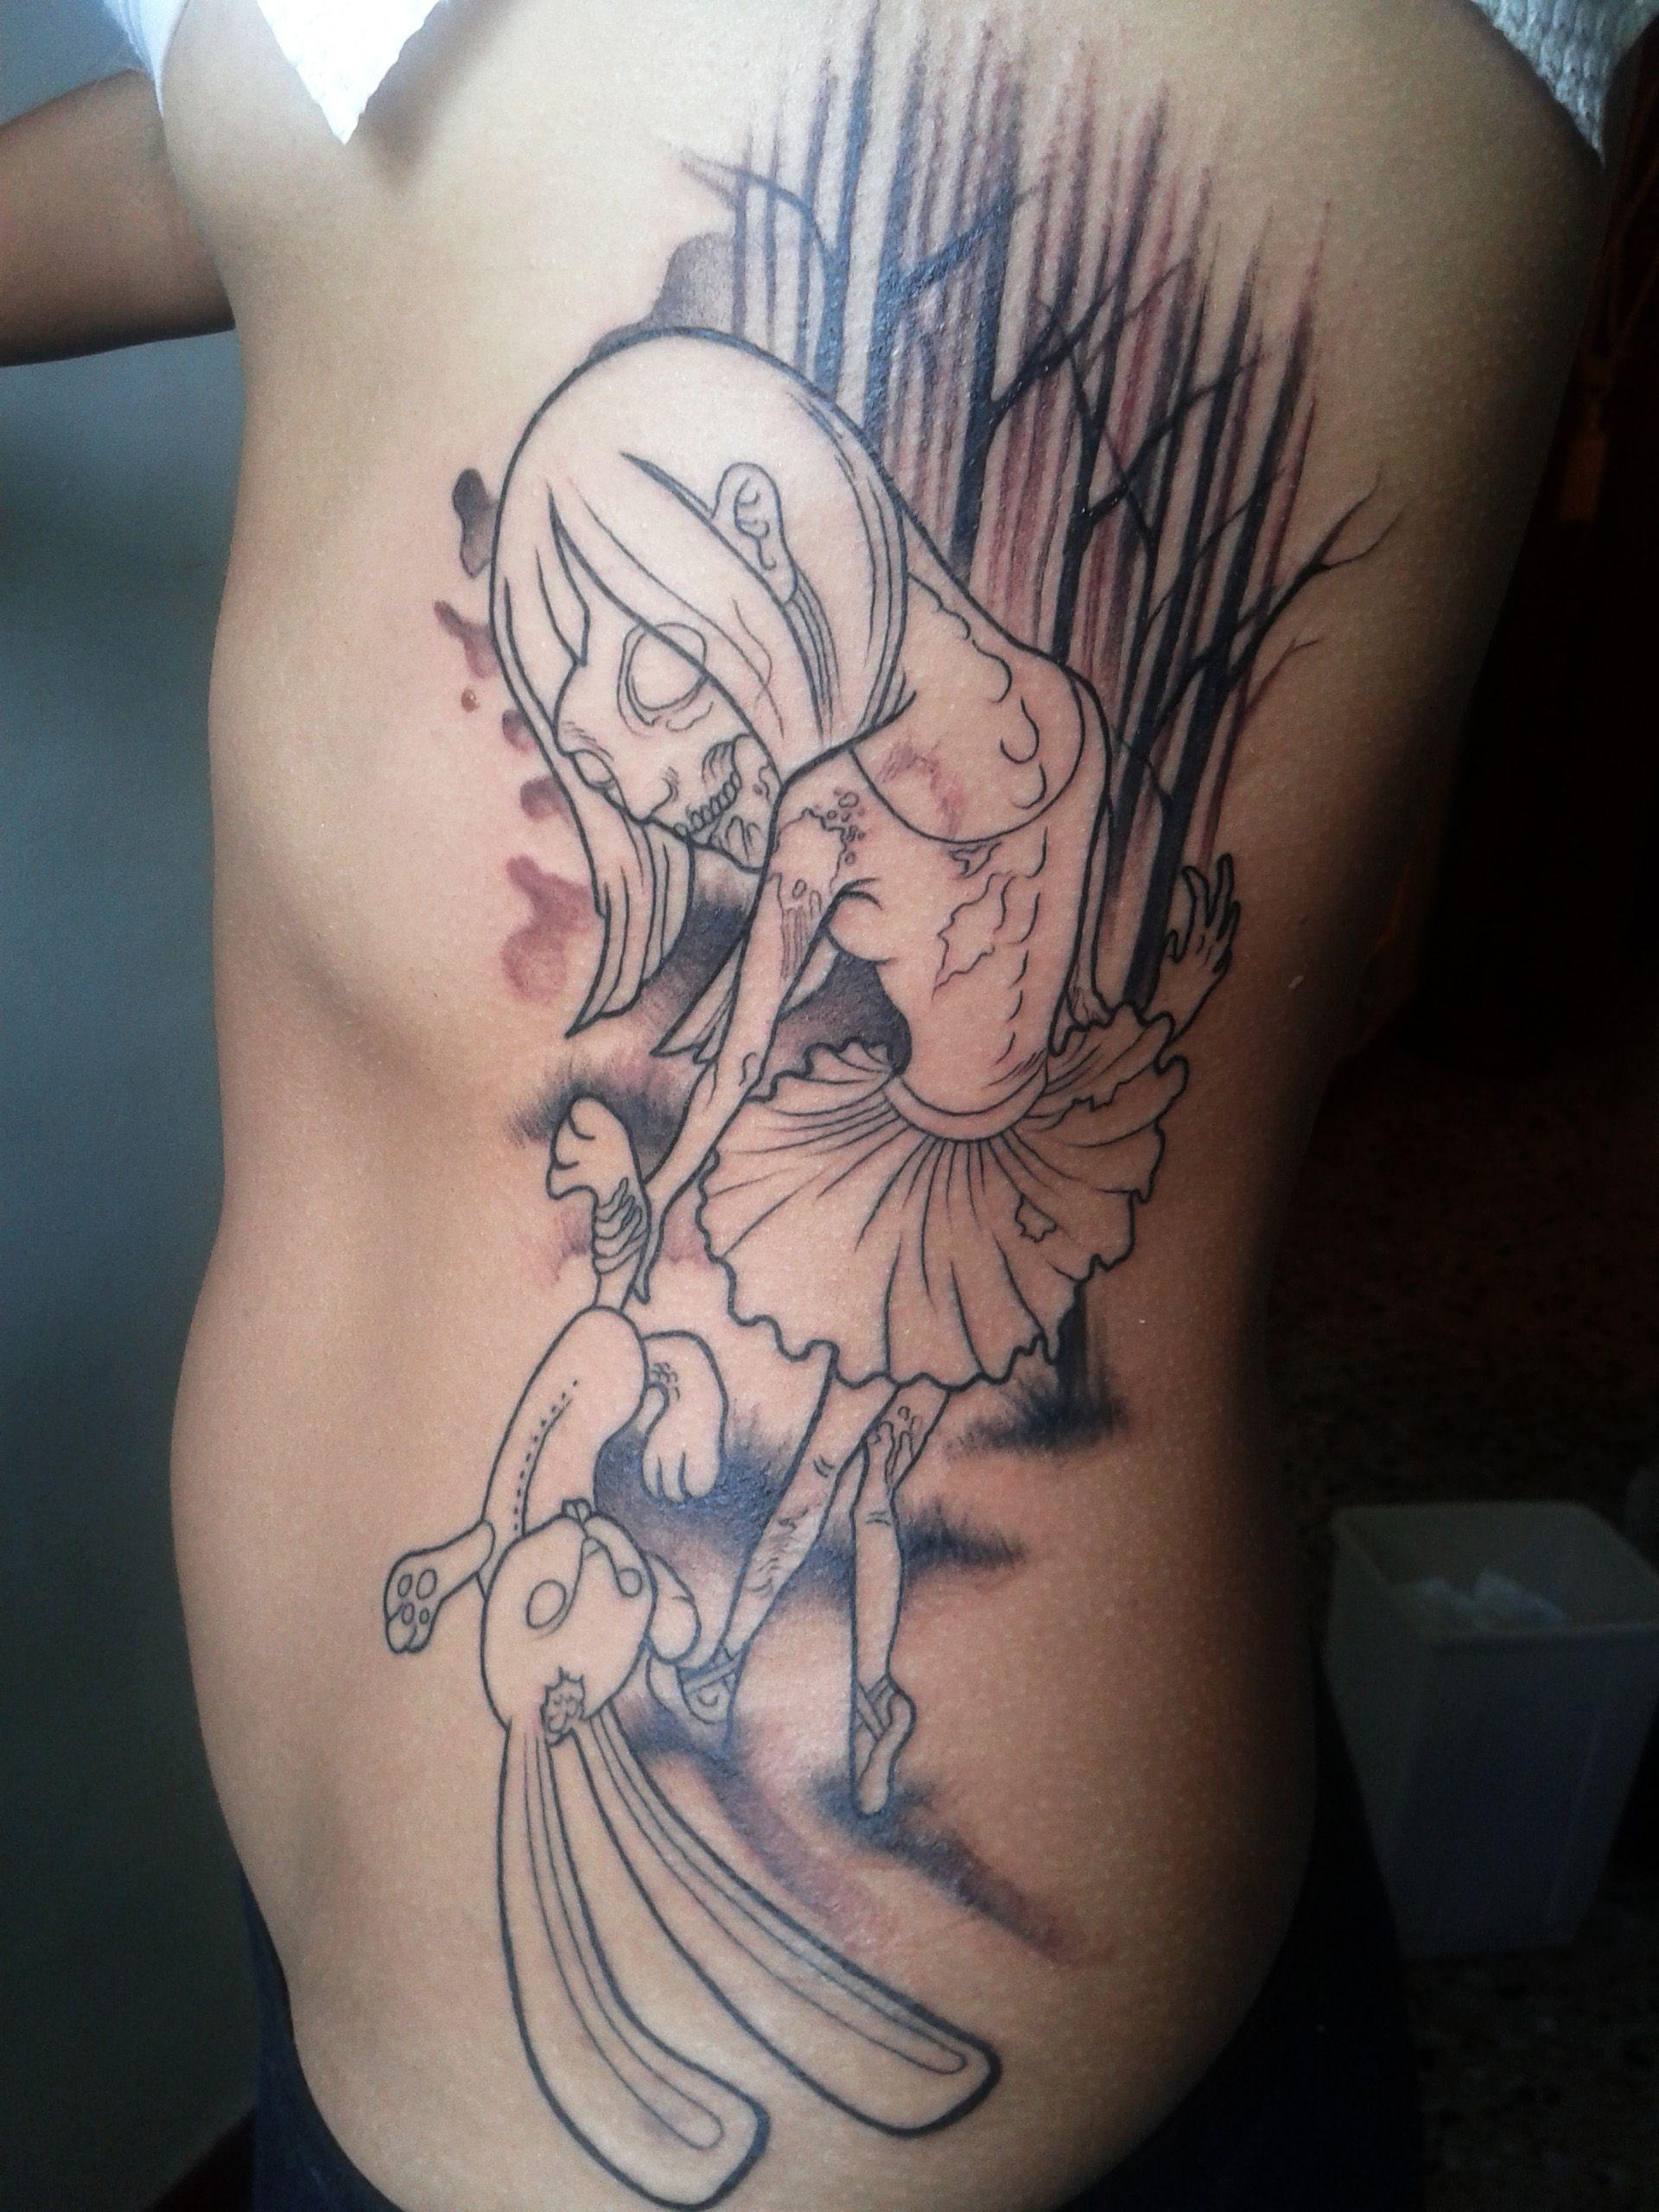 zombie girl new school tattoo | Inked | Pinterest | Zombie ...